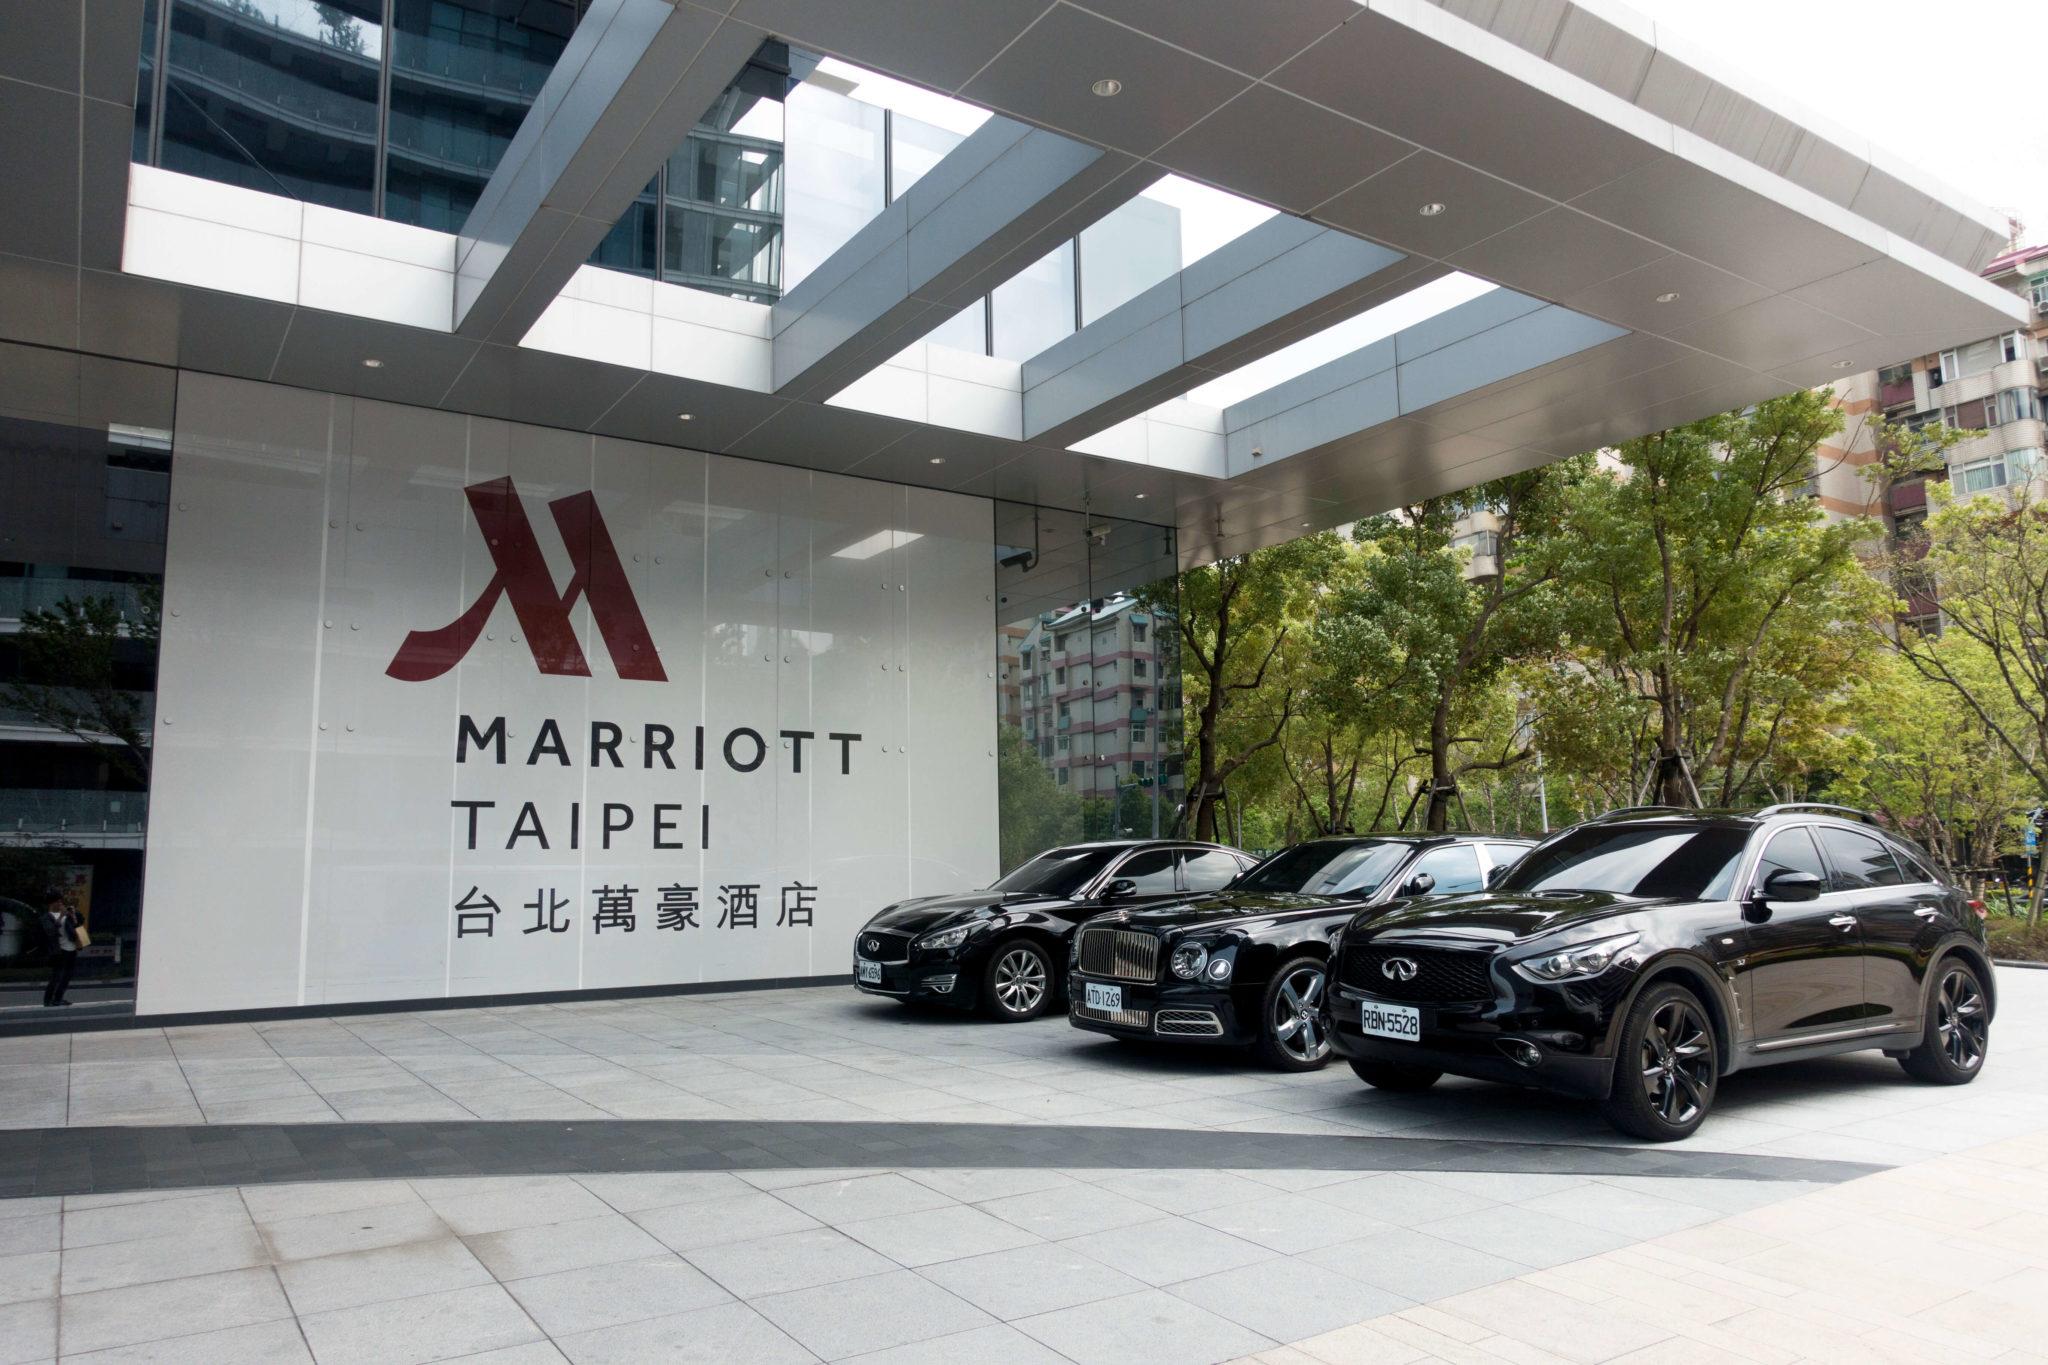 台北マリオットホテル 外観